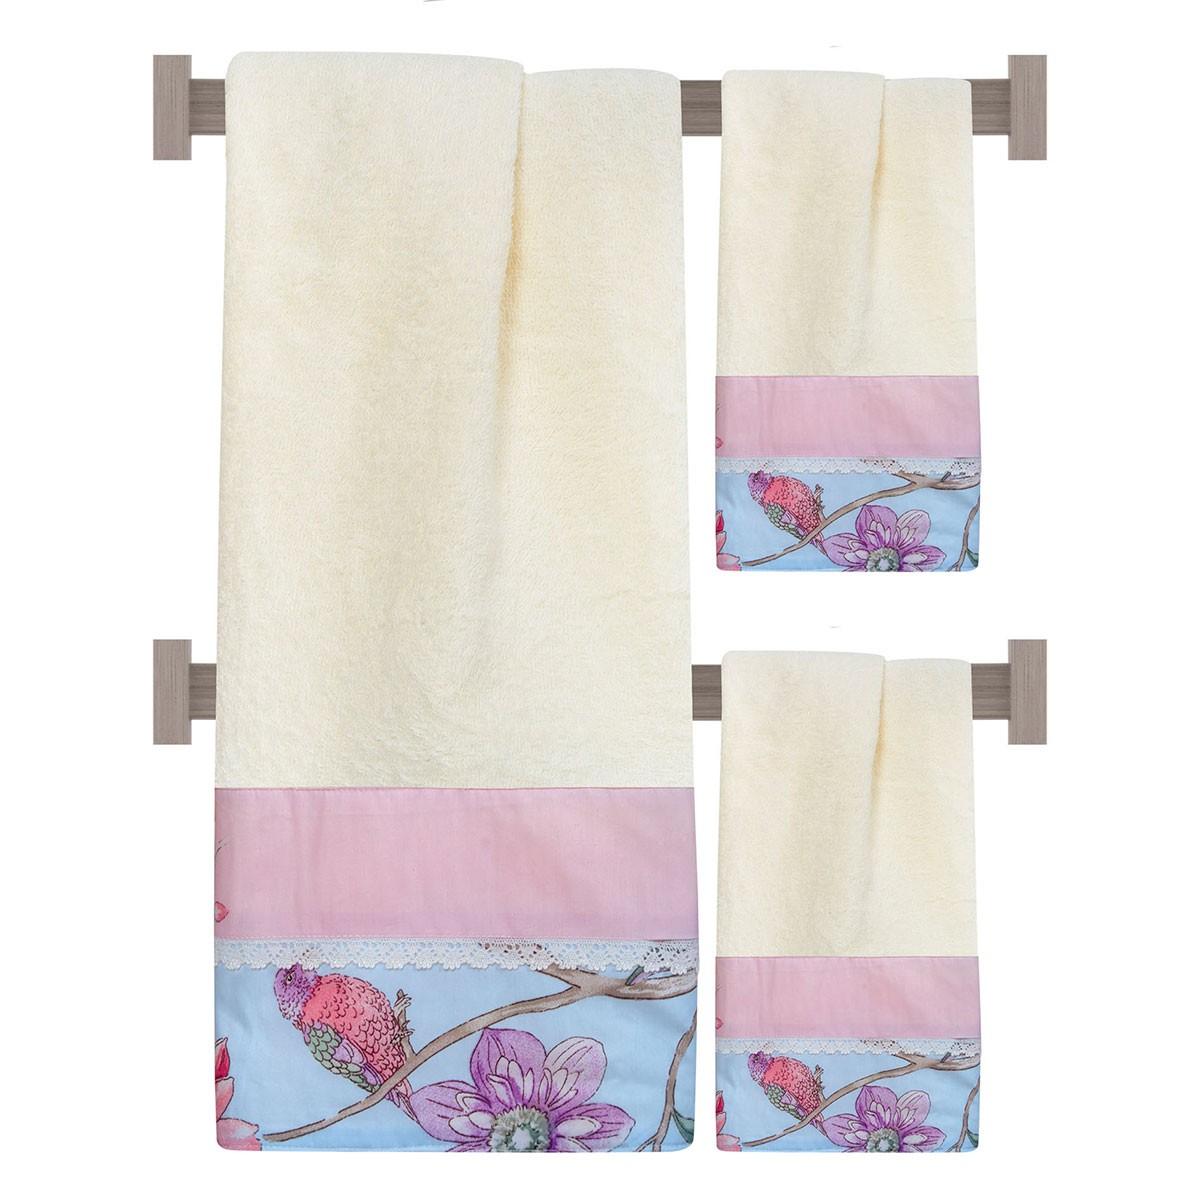 Πετσέτες Μπάνιου (Σετ 3τμχ) Das Home Prestige 285